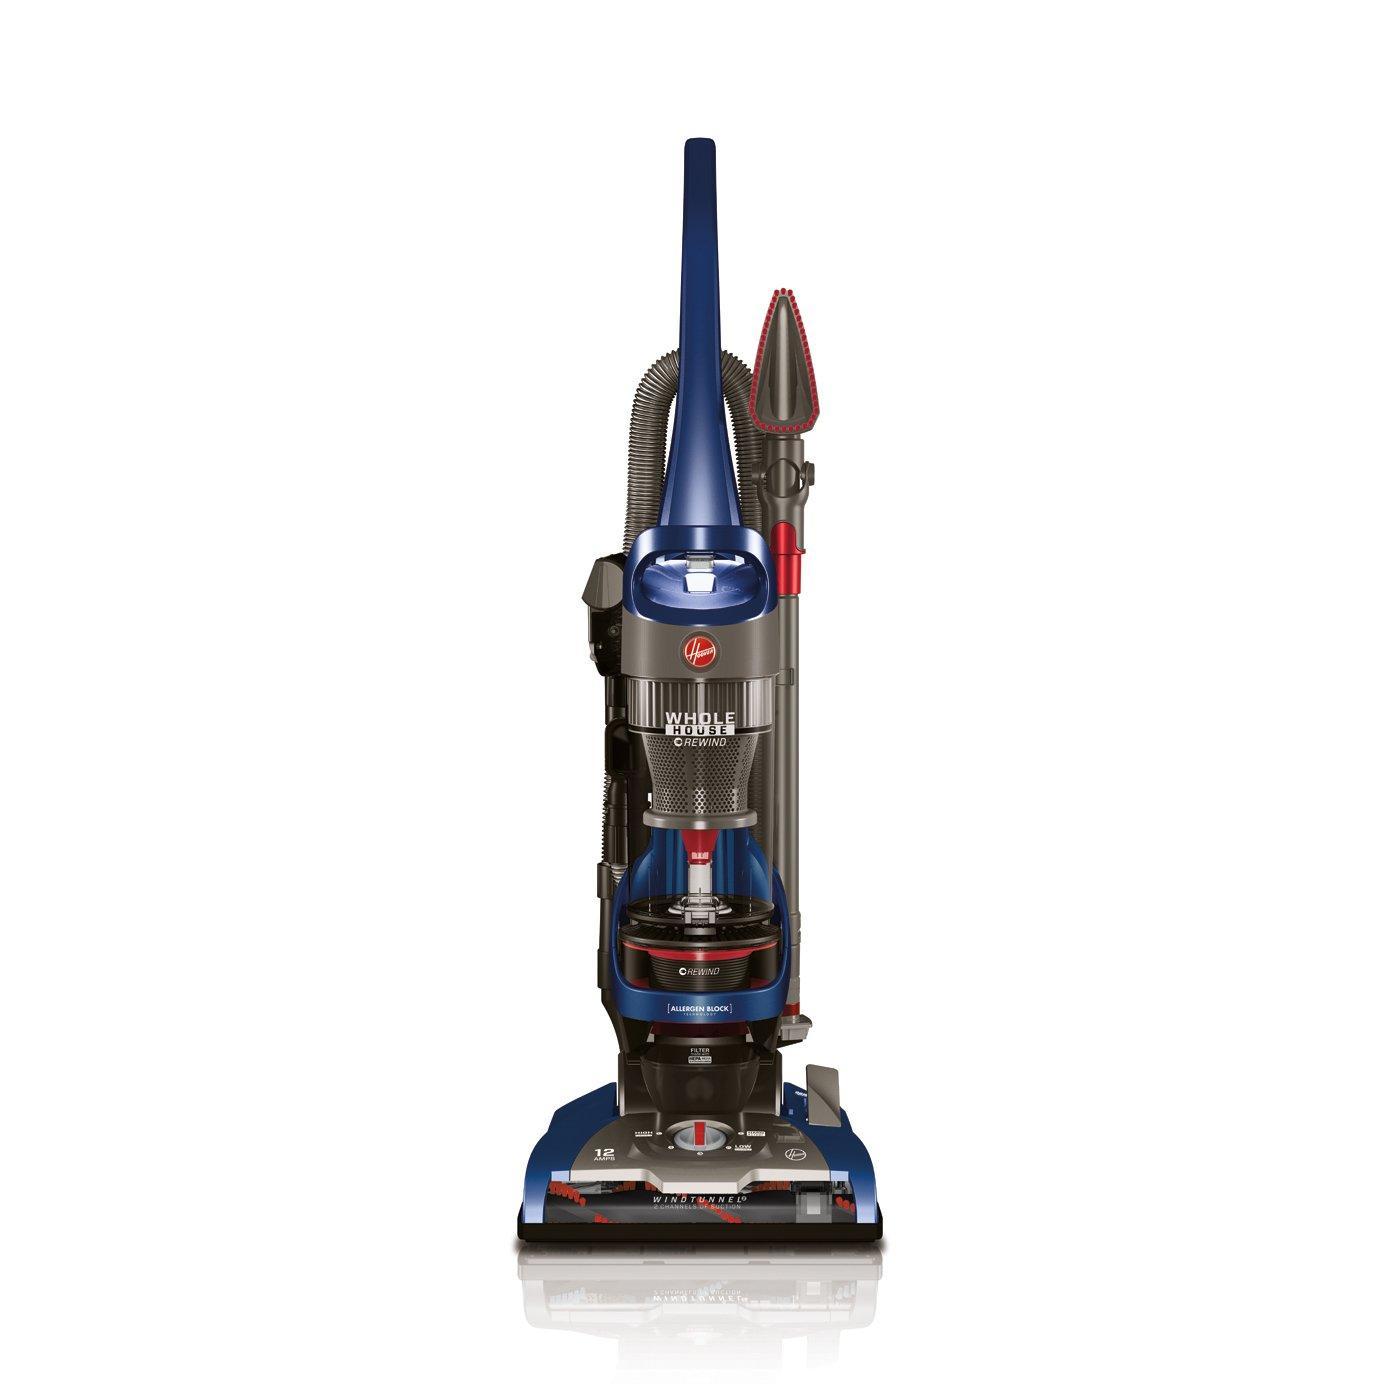 Windtunnel 2 House Rewind Upright Vacuum Uh71250